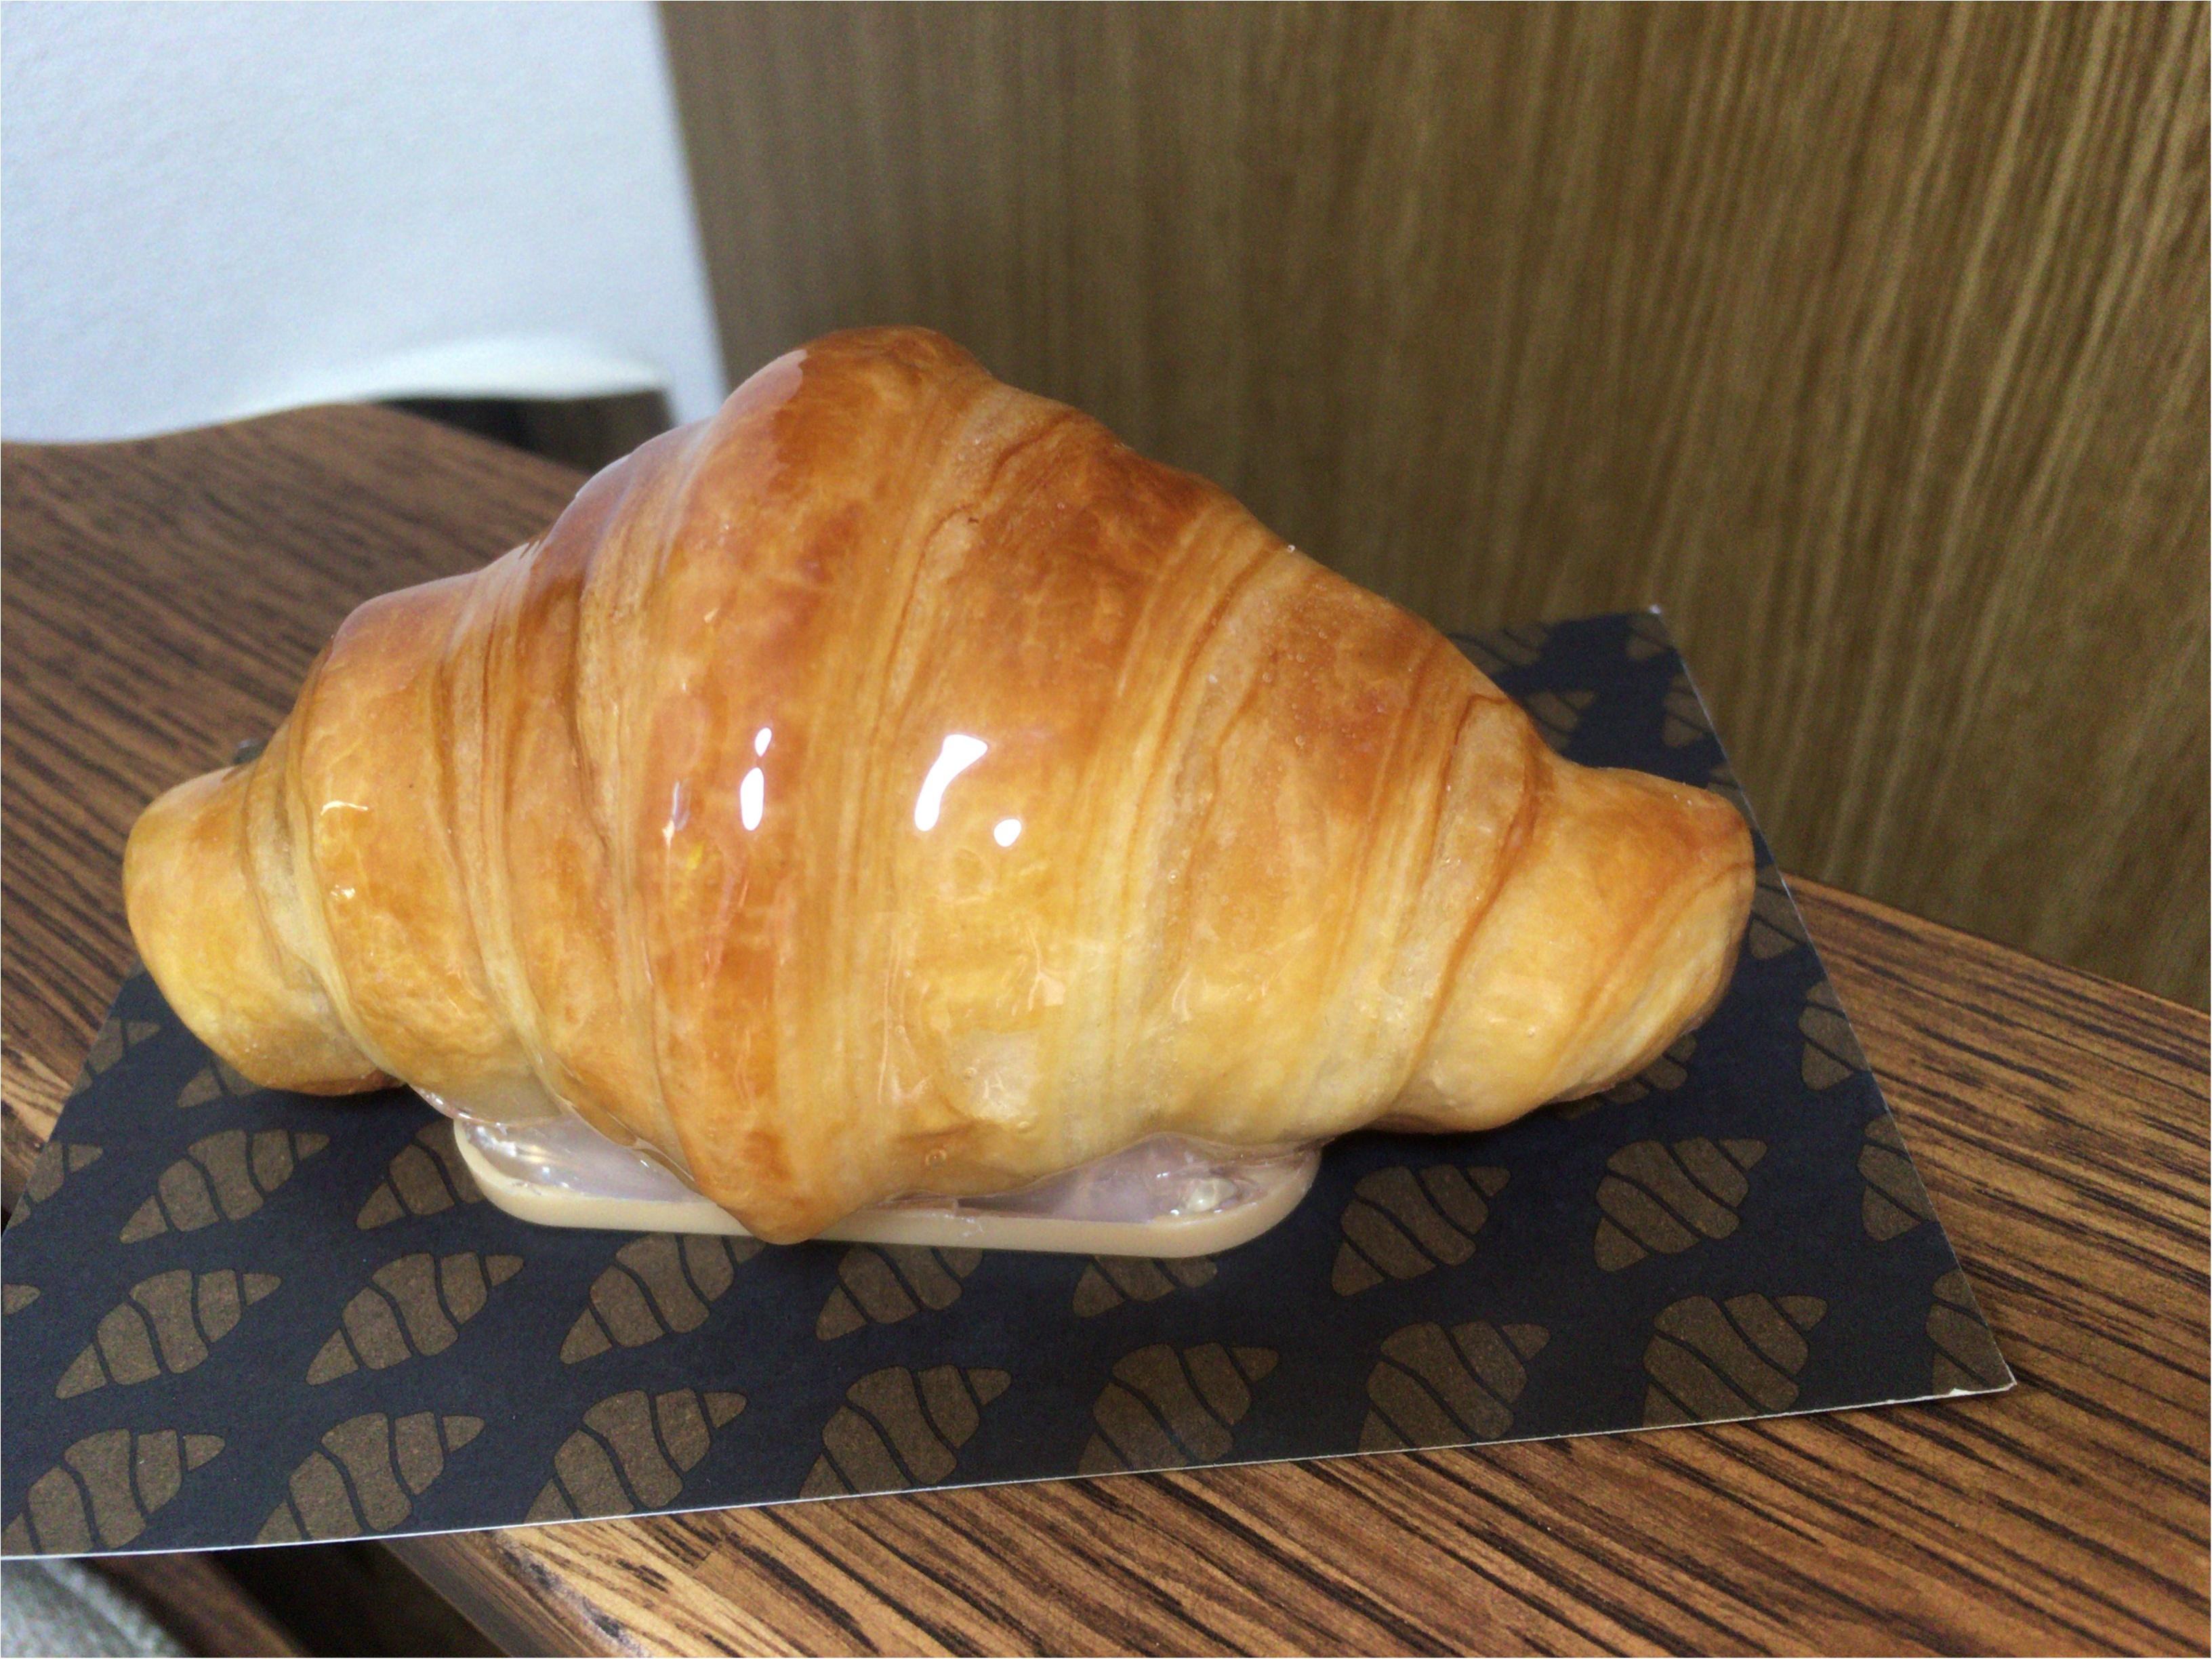 本物のパンでライト?クロワッサンが可愛い《パンプシェード》って何?なインテリア雑貨を見つけました!_3